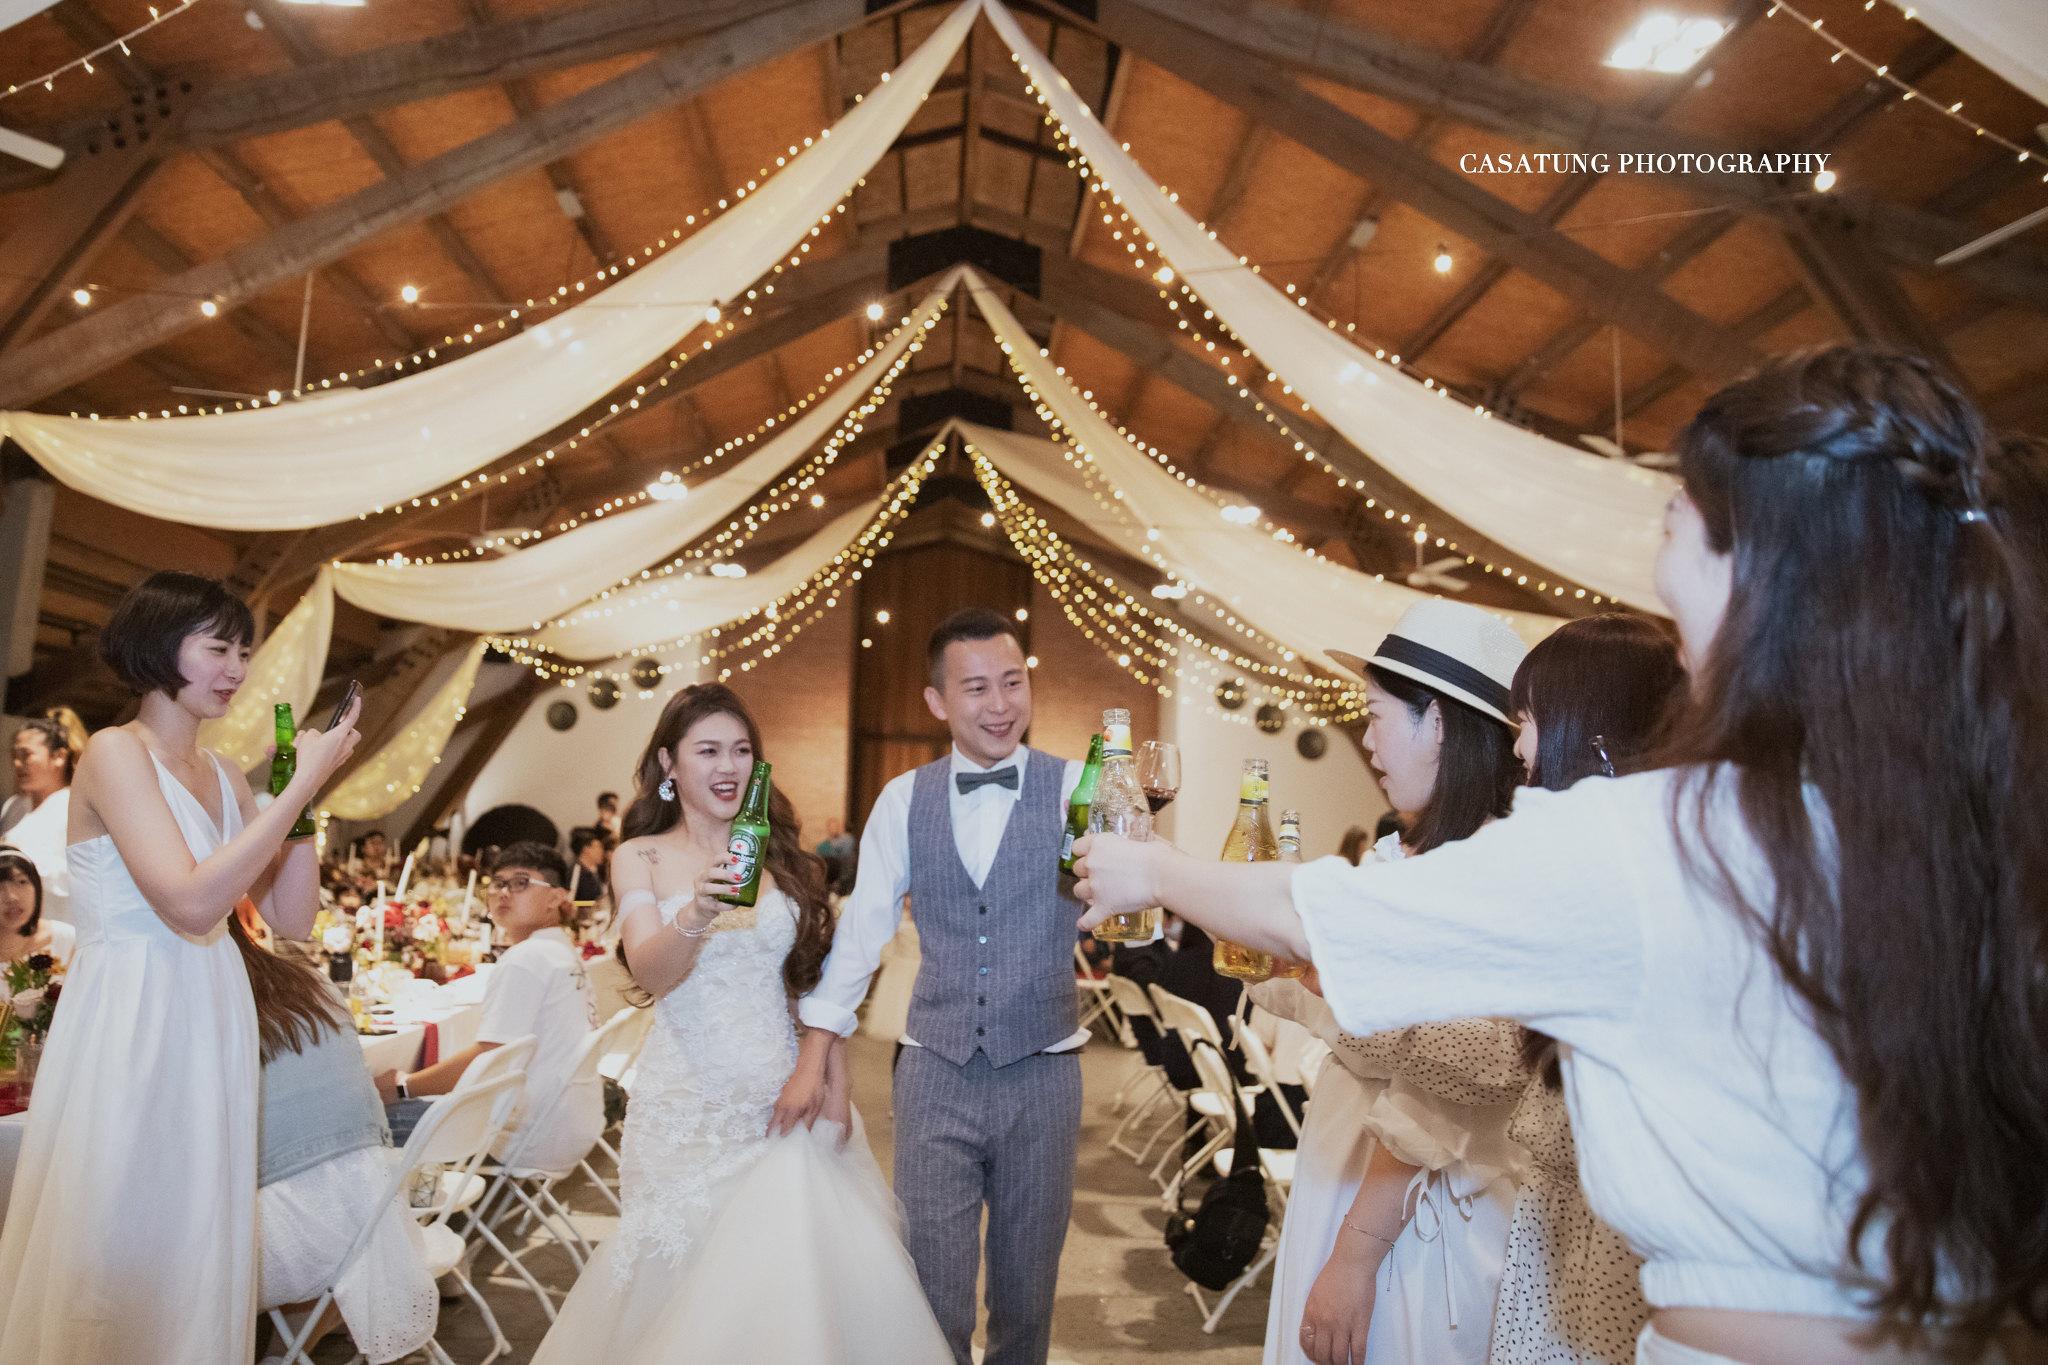 顏氏牧場婚禮,台中婚攝casa,旋轉木馬-164